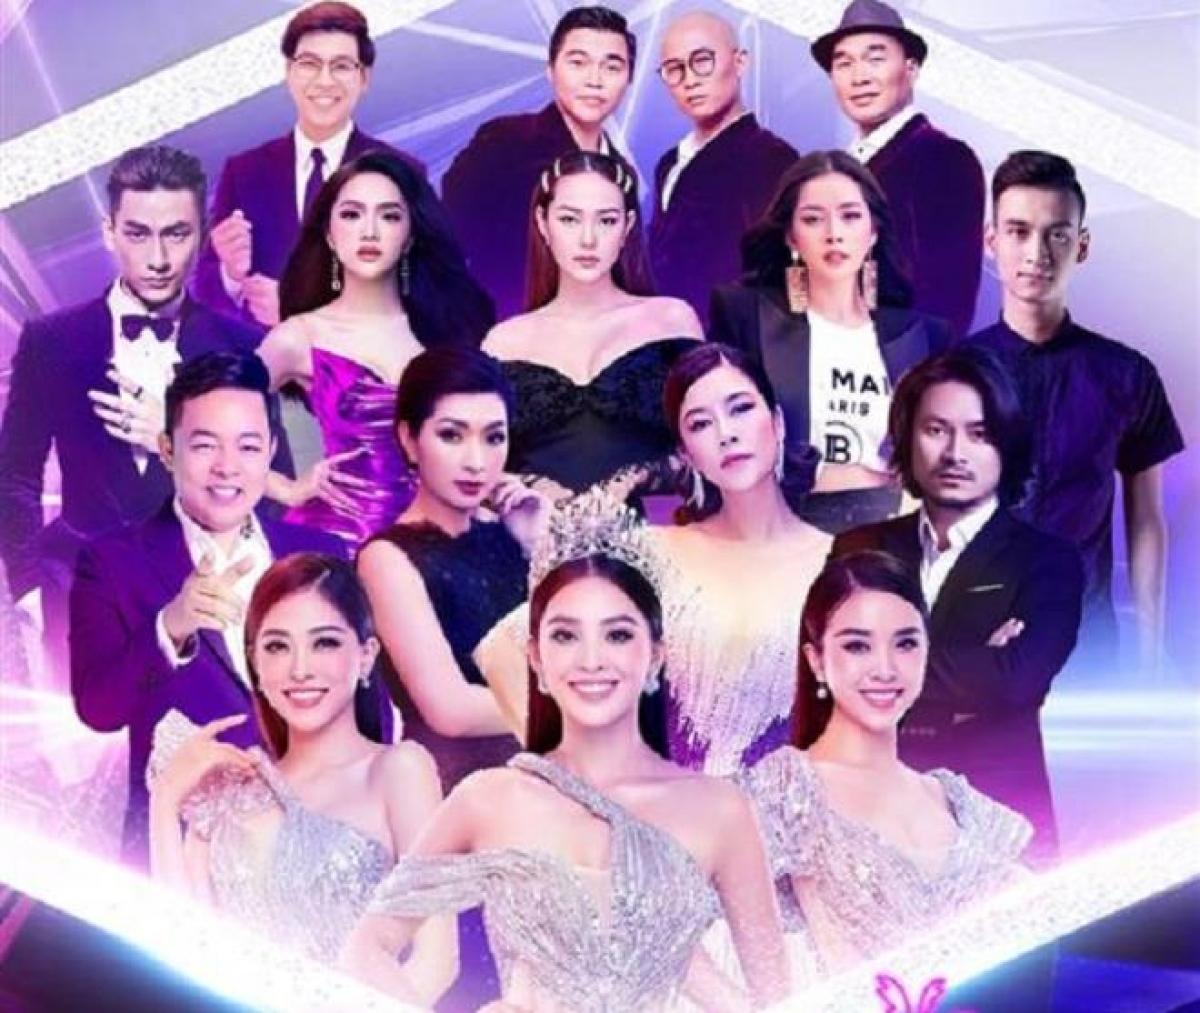 """Hương Giang là một trong những nghệ sĩ tham gia biểu diễn trong vòng chung kết """"Hoa hậu Việt Nam 2020""""."""